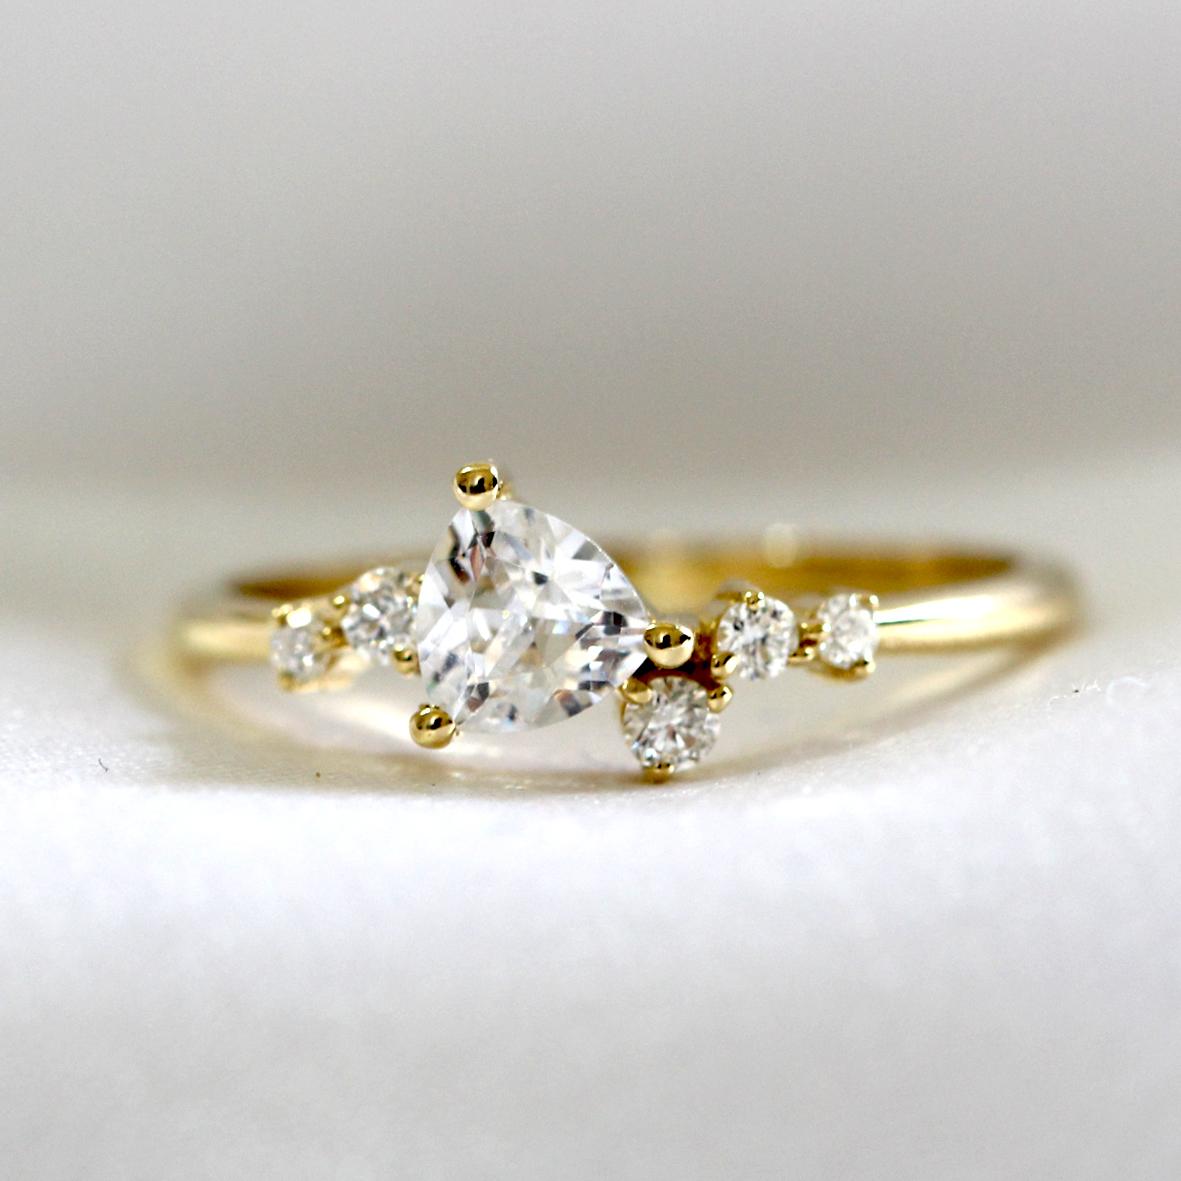 טבעת אירוסין מושבצת יהלום בחיתוך טריליון ויהלומים מסביב